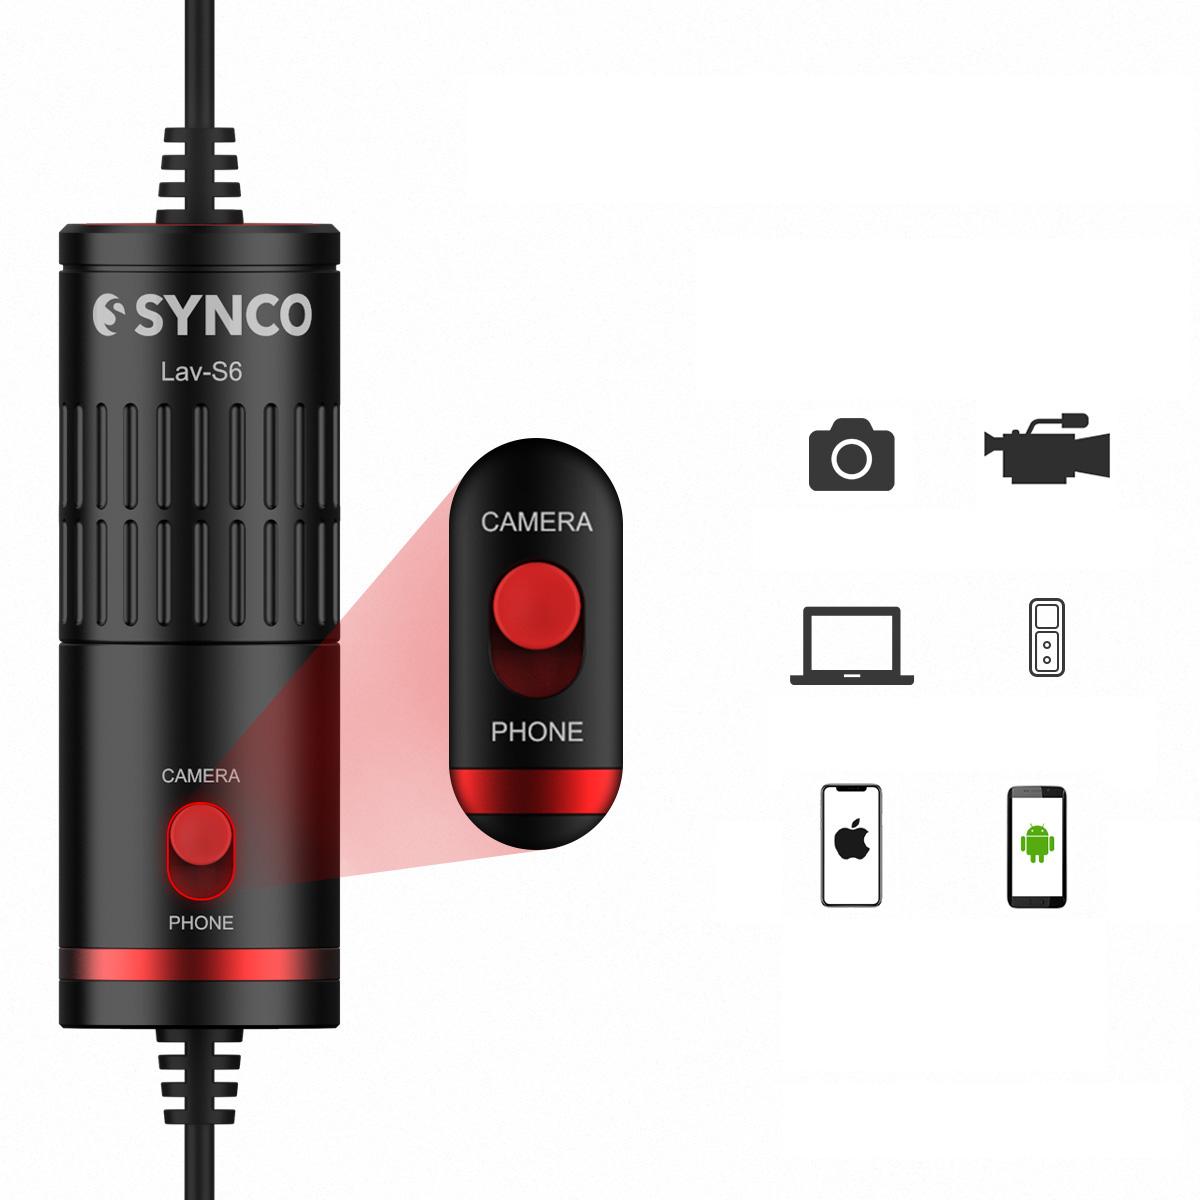 изображение Synco Lav-S6 широкая совместимость с устройствами